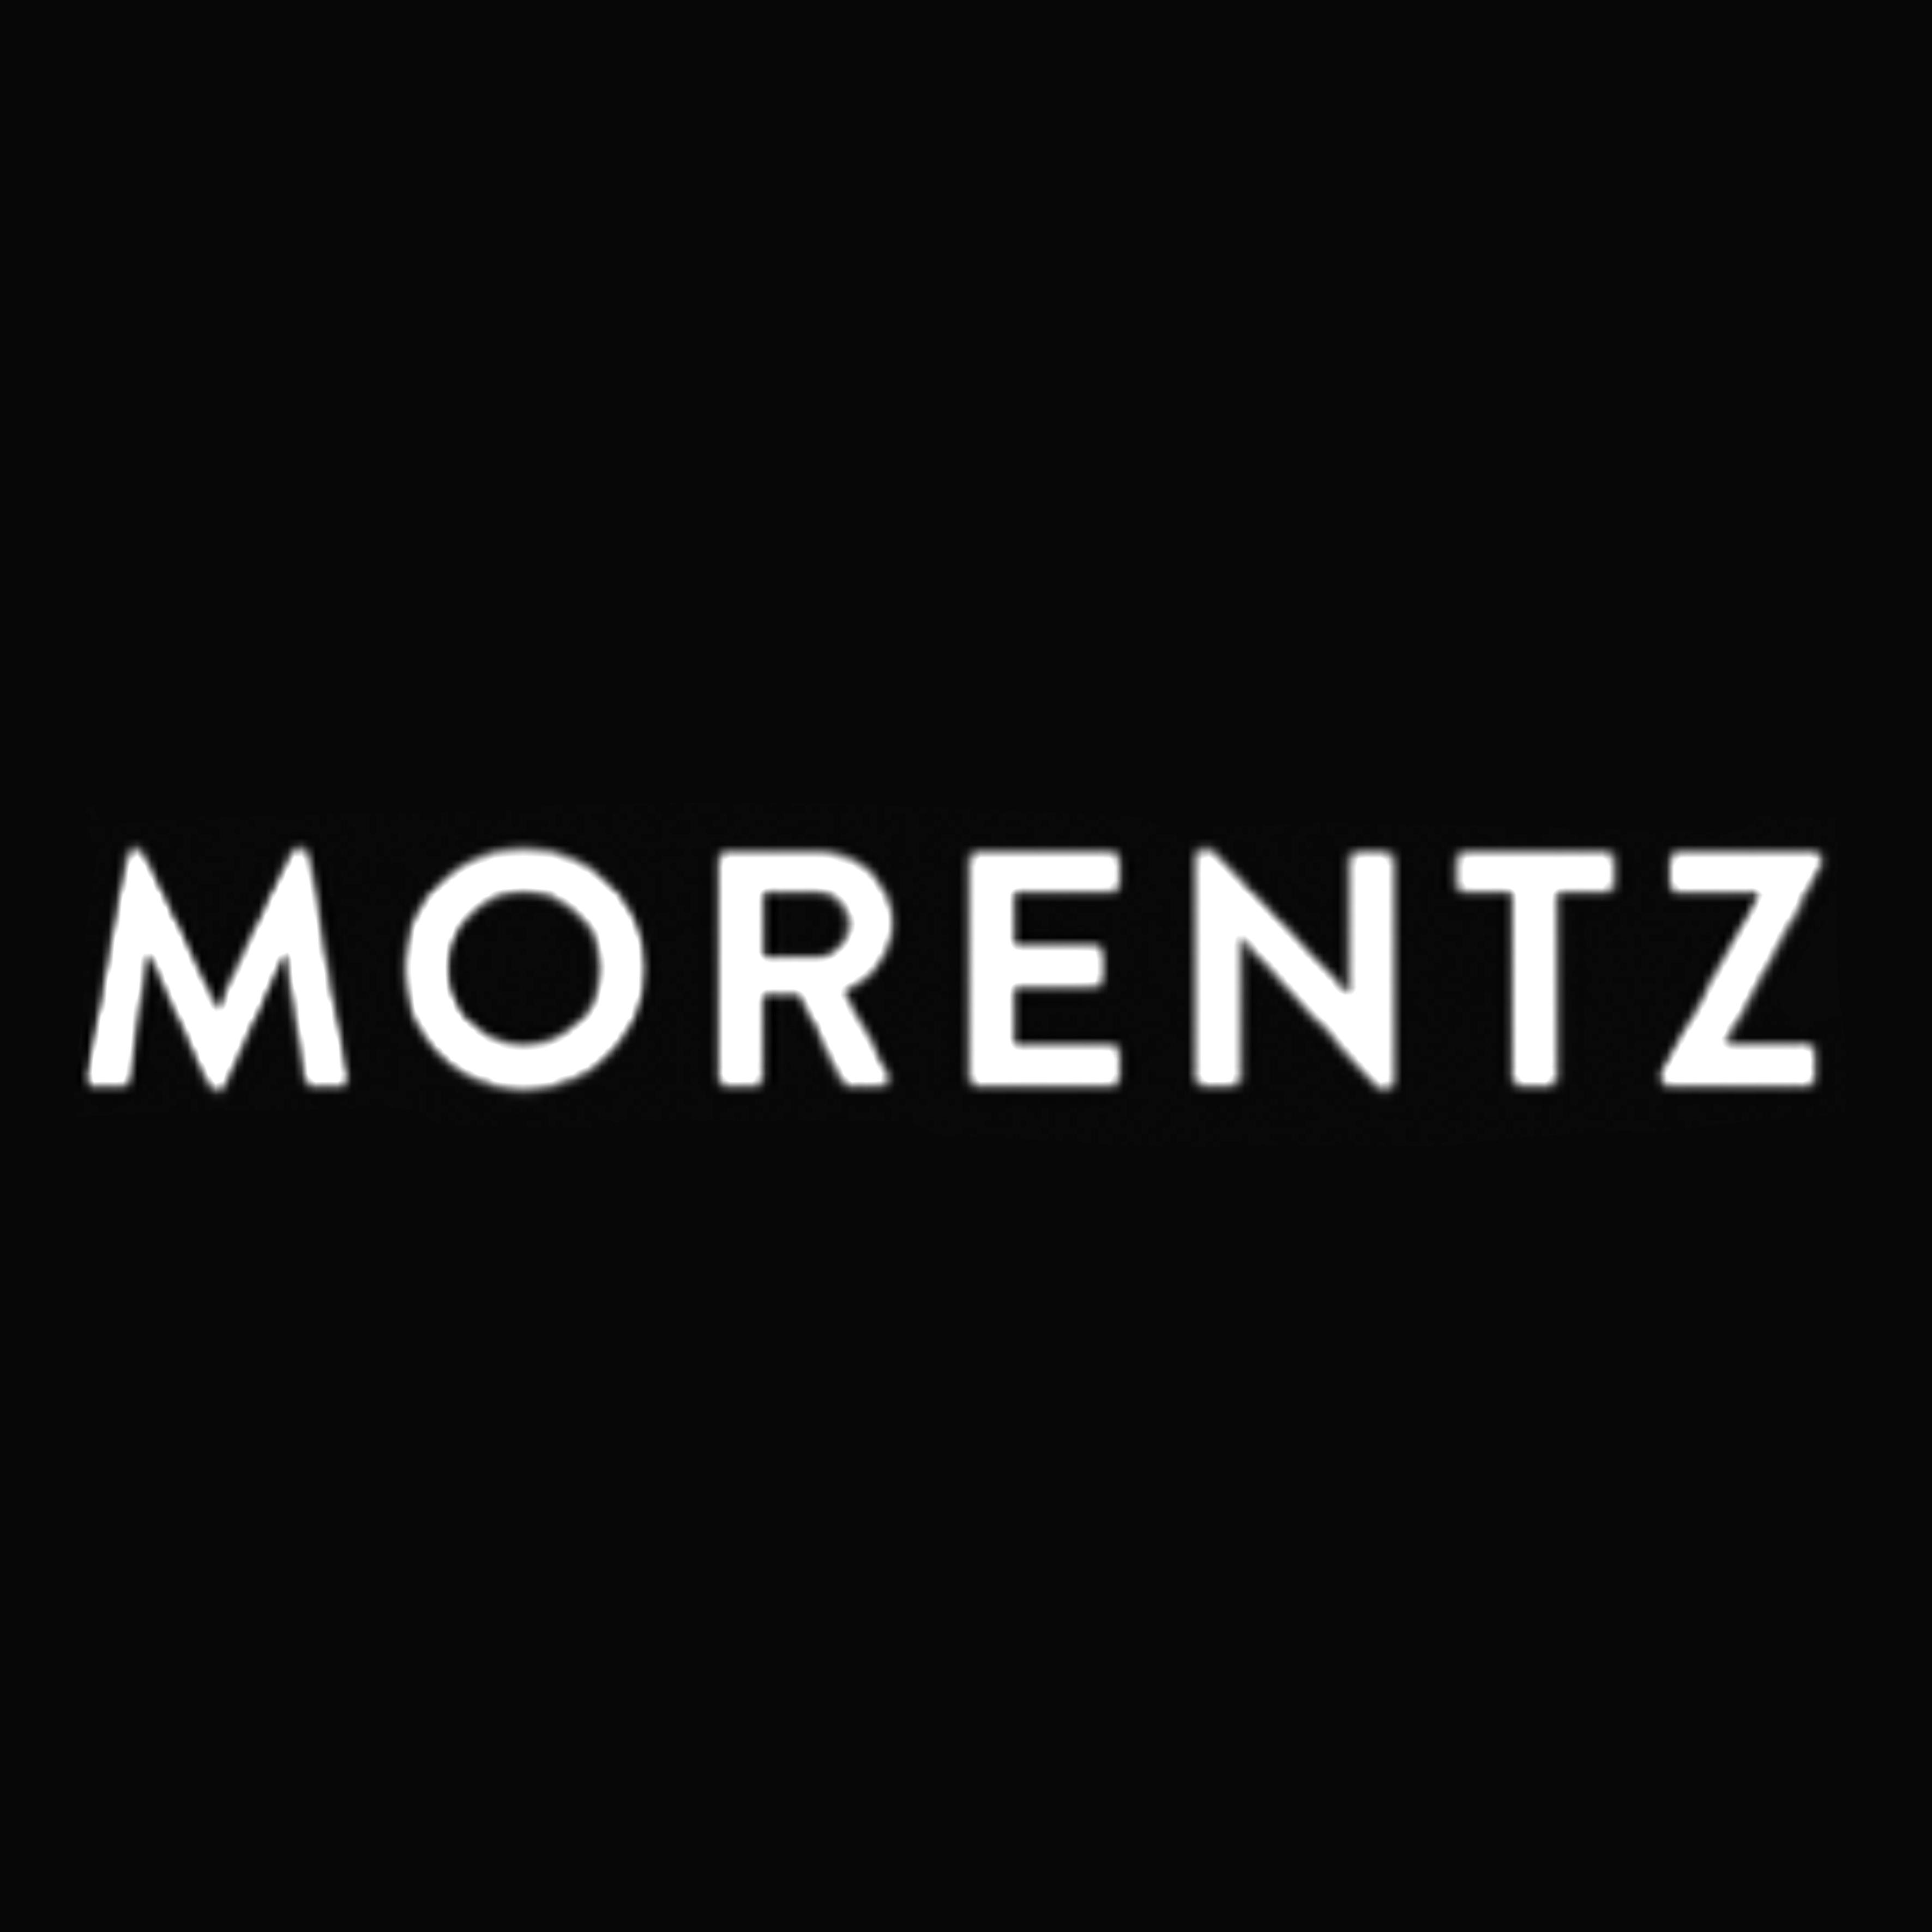 MORENTZ